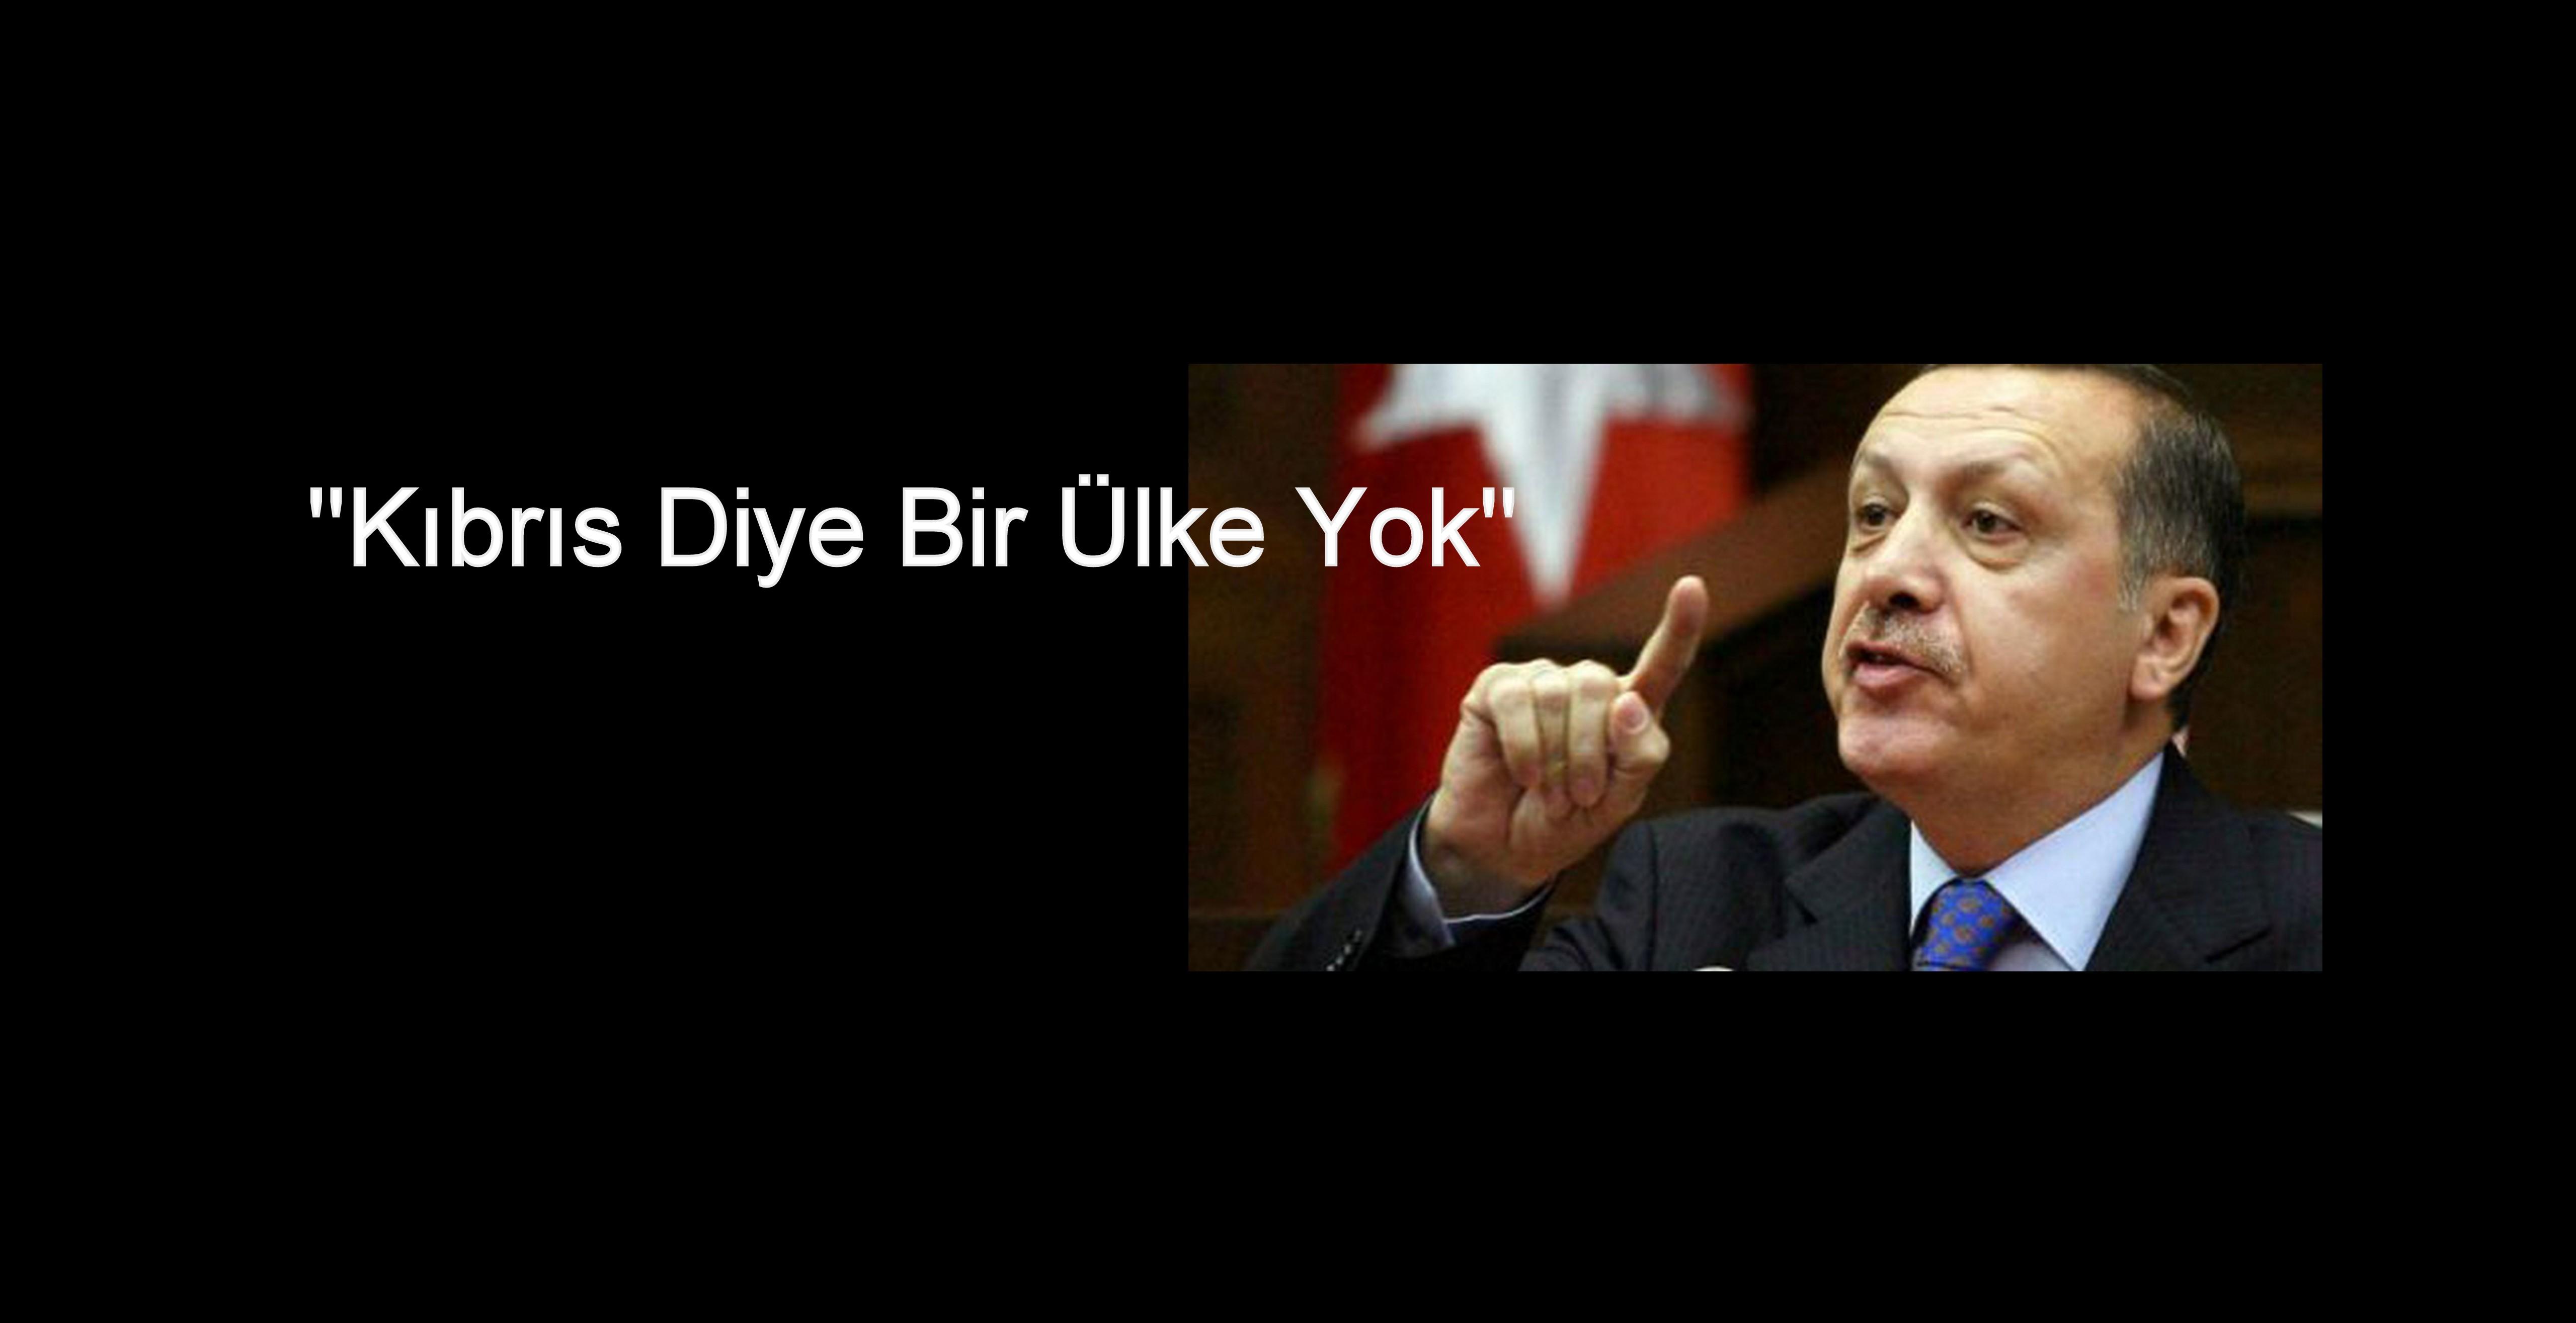 """ERDOĞAN'IN """"KIBRIS DİYE BİR ÜLKE YOK"""" AÇIKLAMASI"""